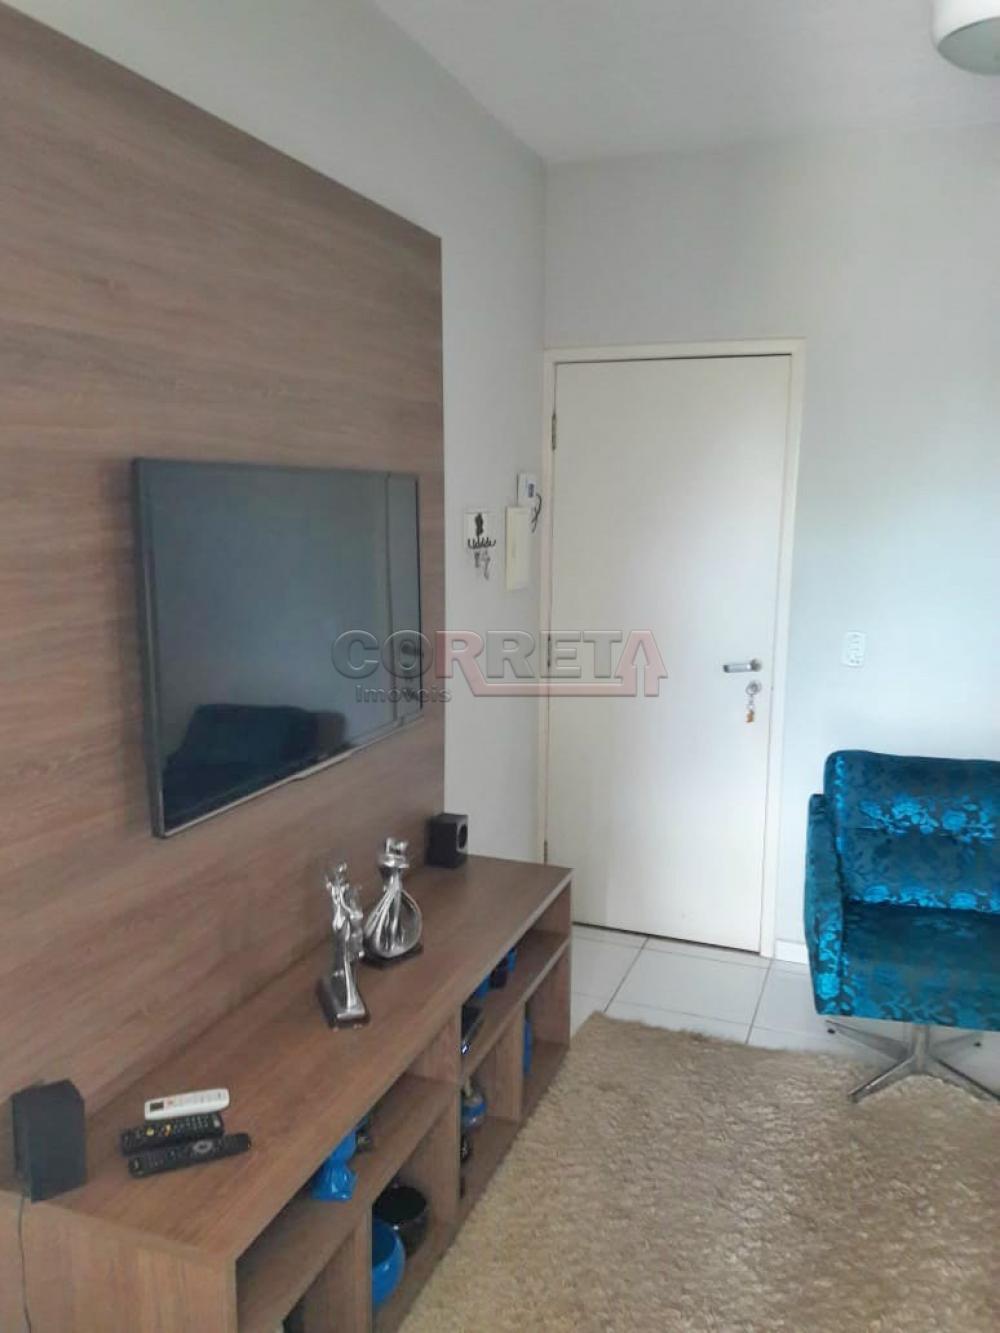 Comprar Apartamento / Padrão em Araçatuba apenas R$ 210.000,00 - Foto 2